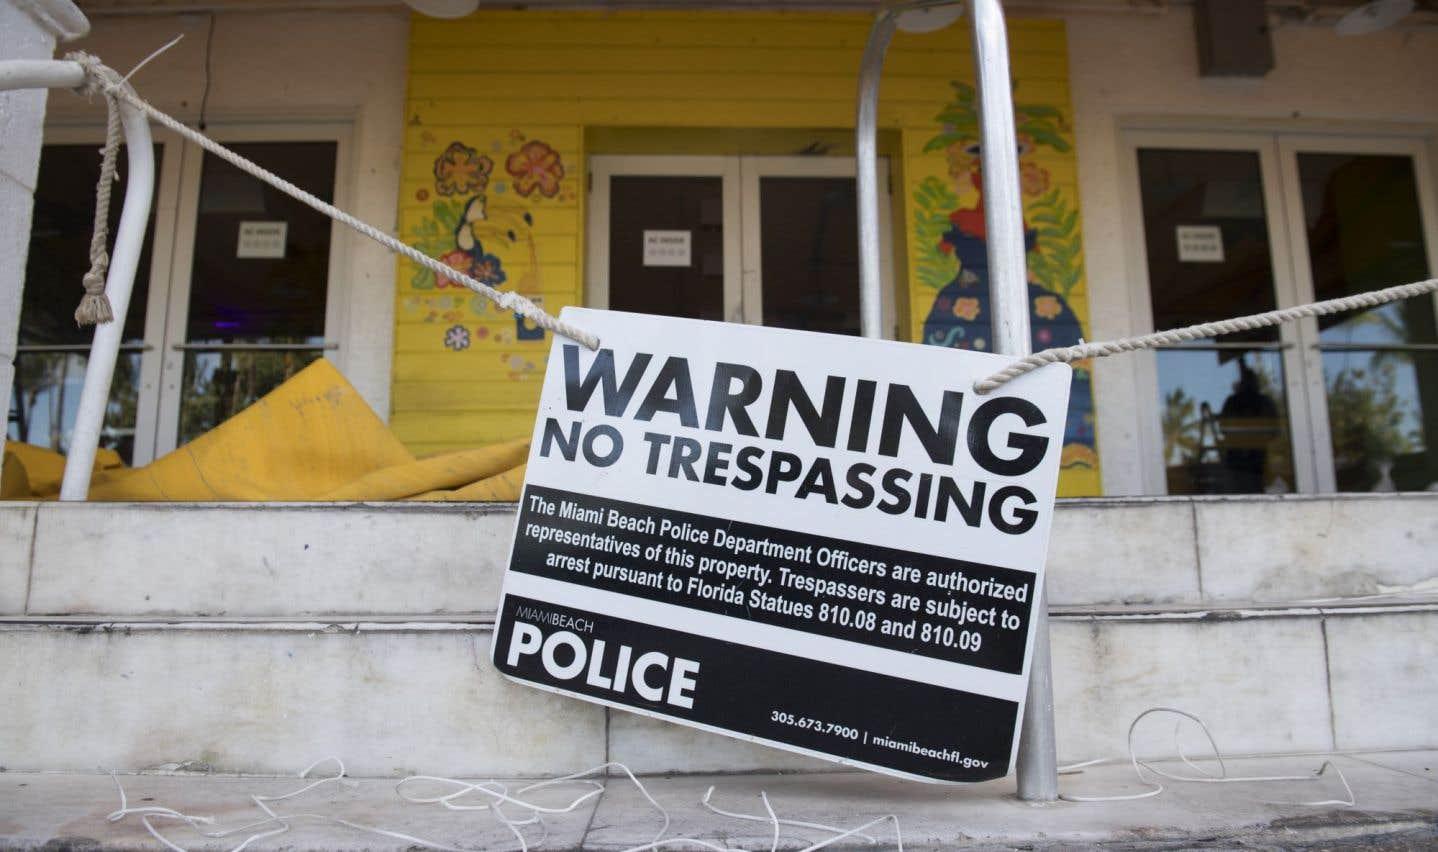 Un panneau met en garde contre les intrus pendant que les résidents et les touristes évacuent Miami Beach, en Floride, le 7 septembre, prévoyant l'arivée d'«Irma».